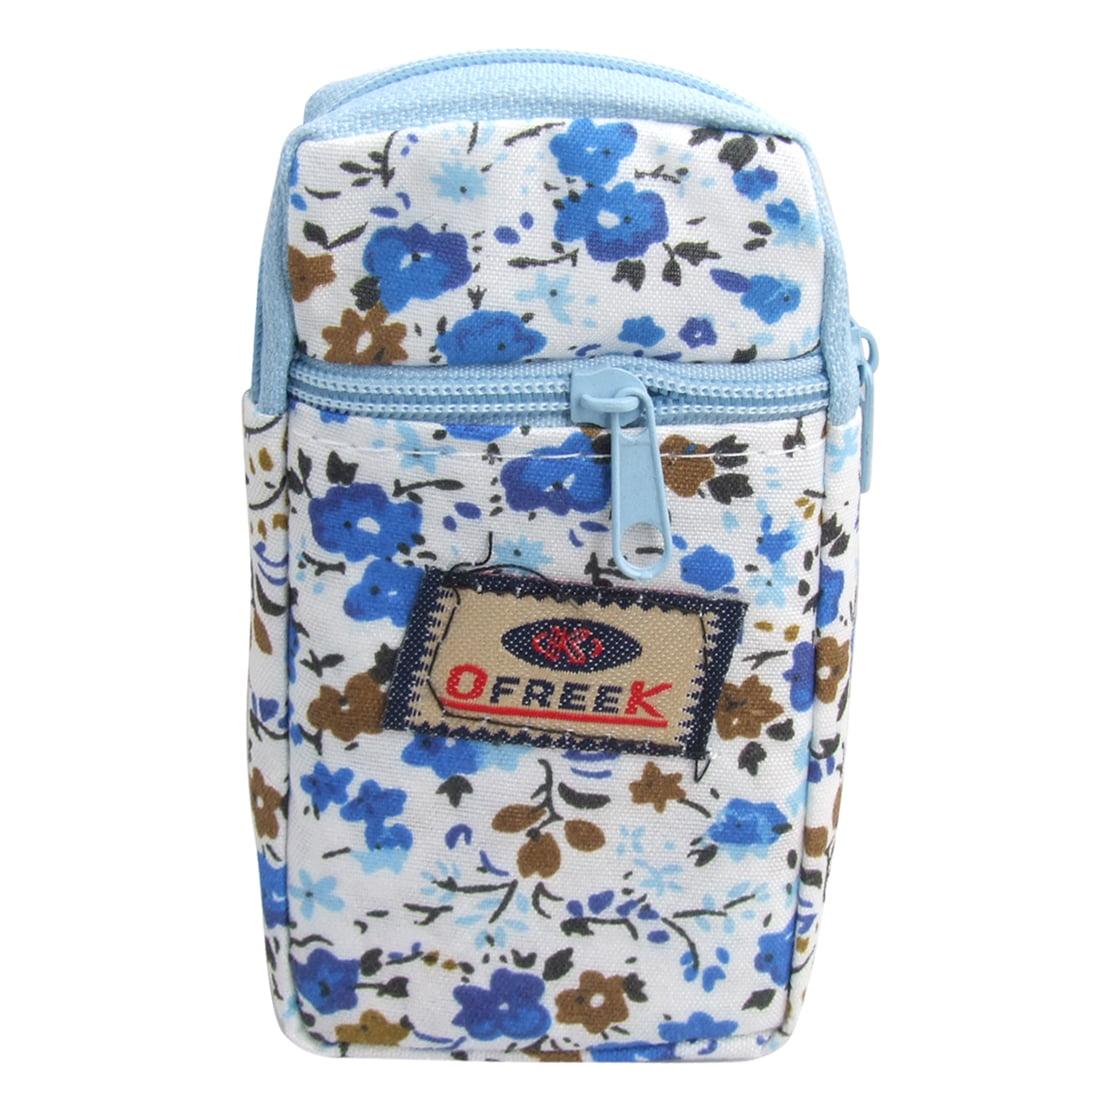 Blue Floral Detail Elastic Band Cellphone Holder Wrist Bag - image 1 de 1